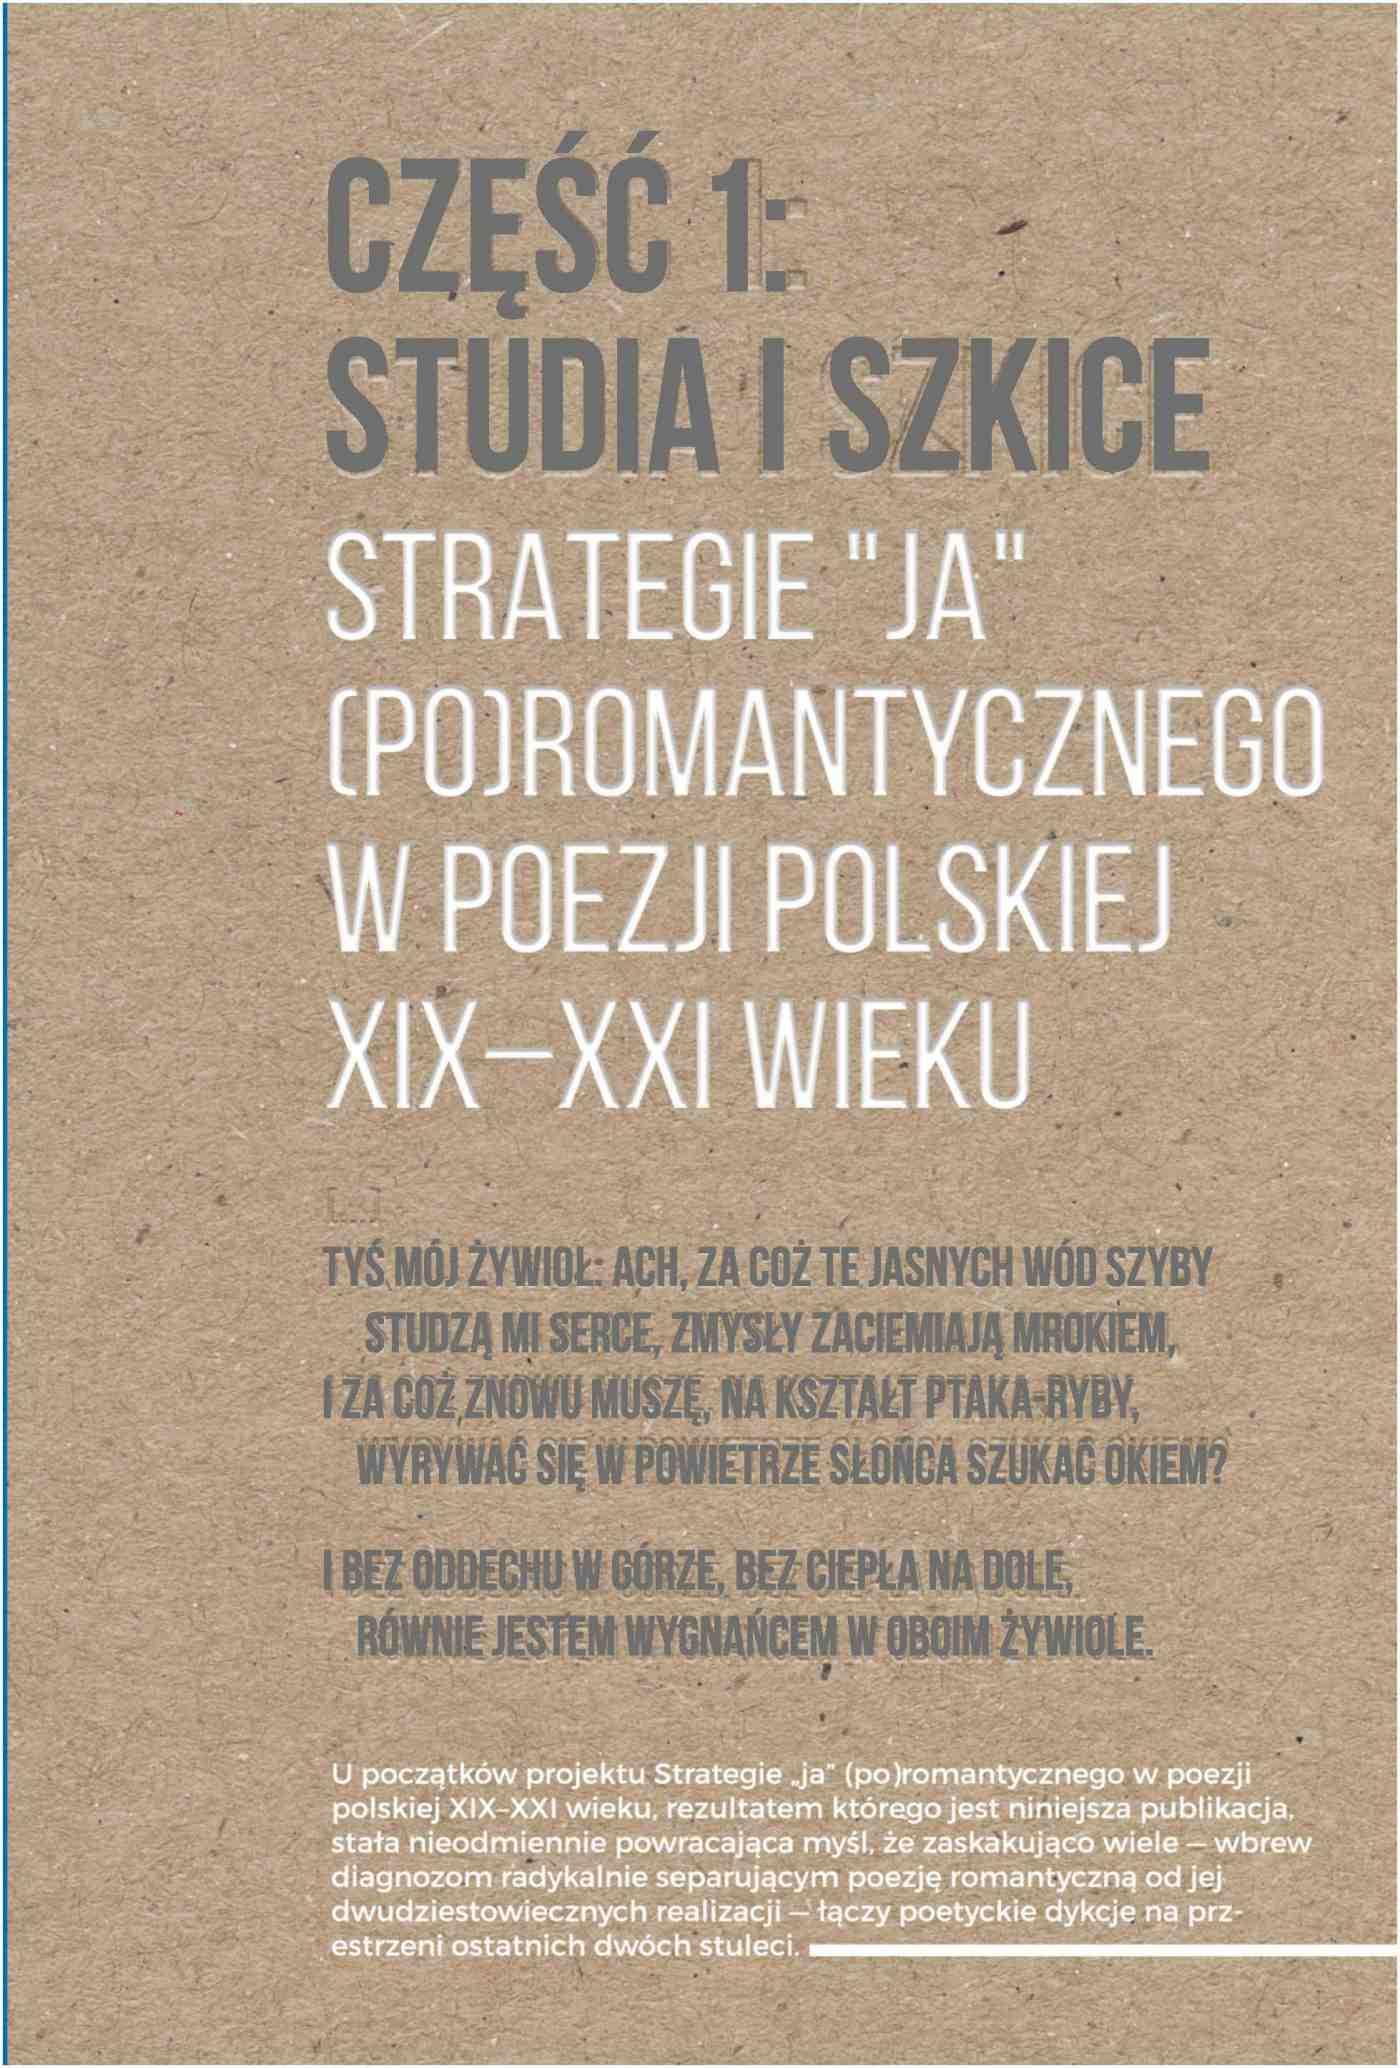 """Strategie """"ja"""" (po)romantycznego w poezji polskiej XIX-XXI wieku. Część 1: Studia i szkice. Część 2: Rozmowy - Ebook (Książka PDF) do pobrania w formacie PDF"""